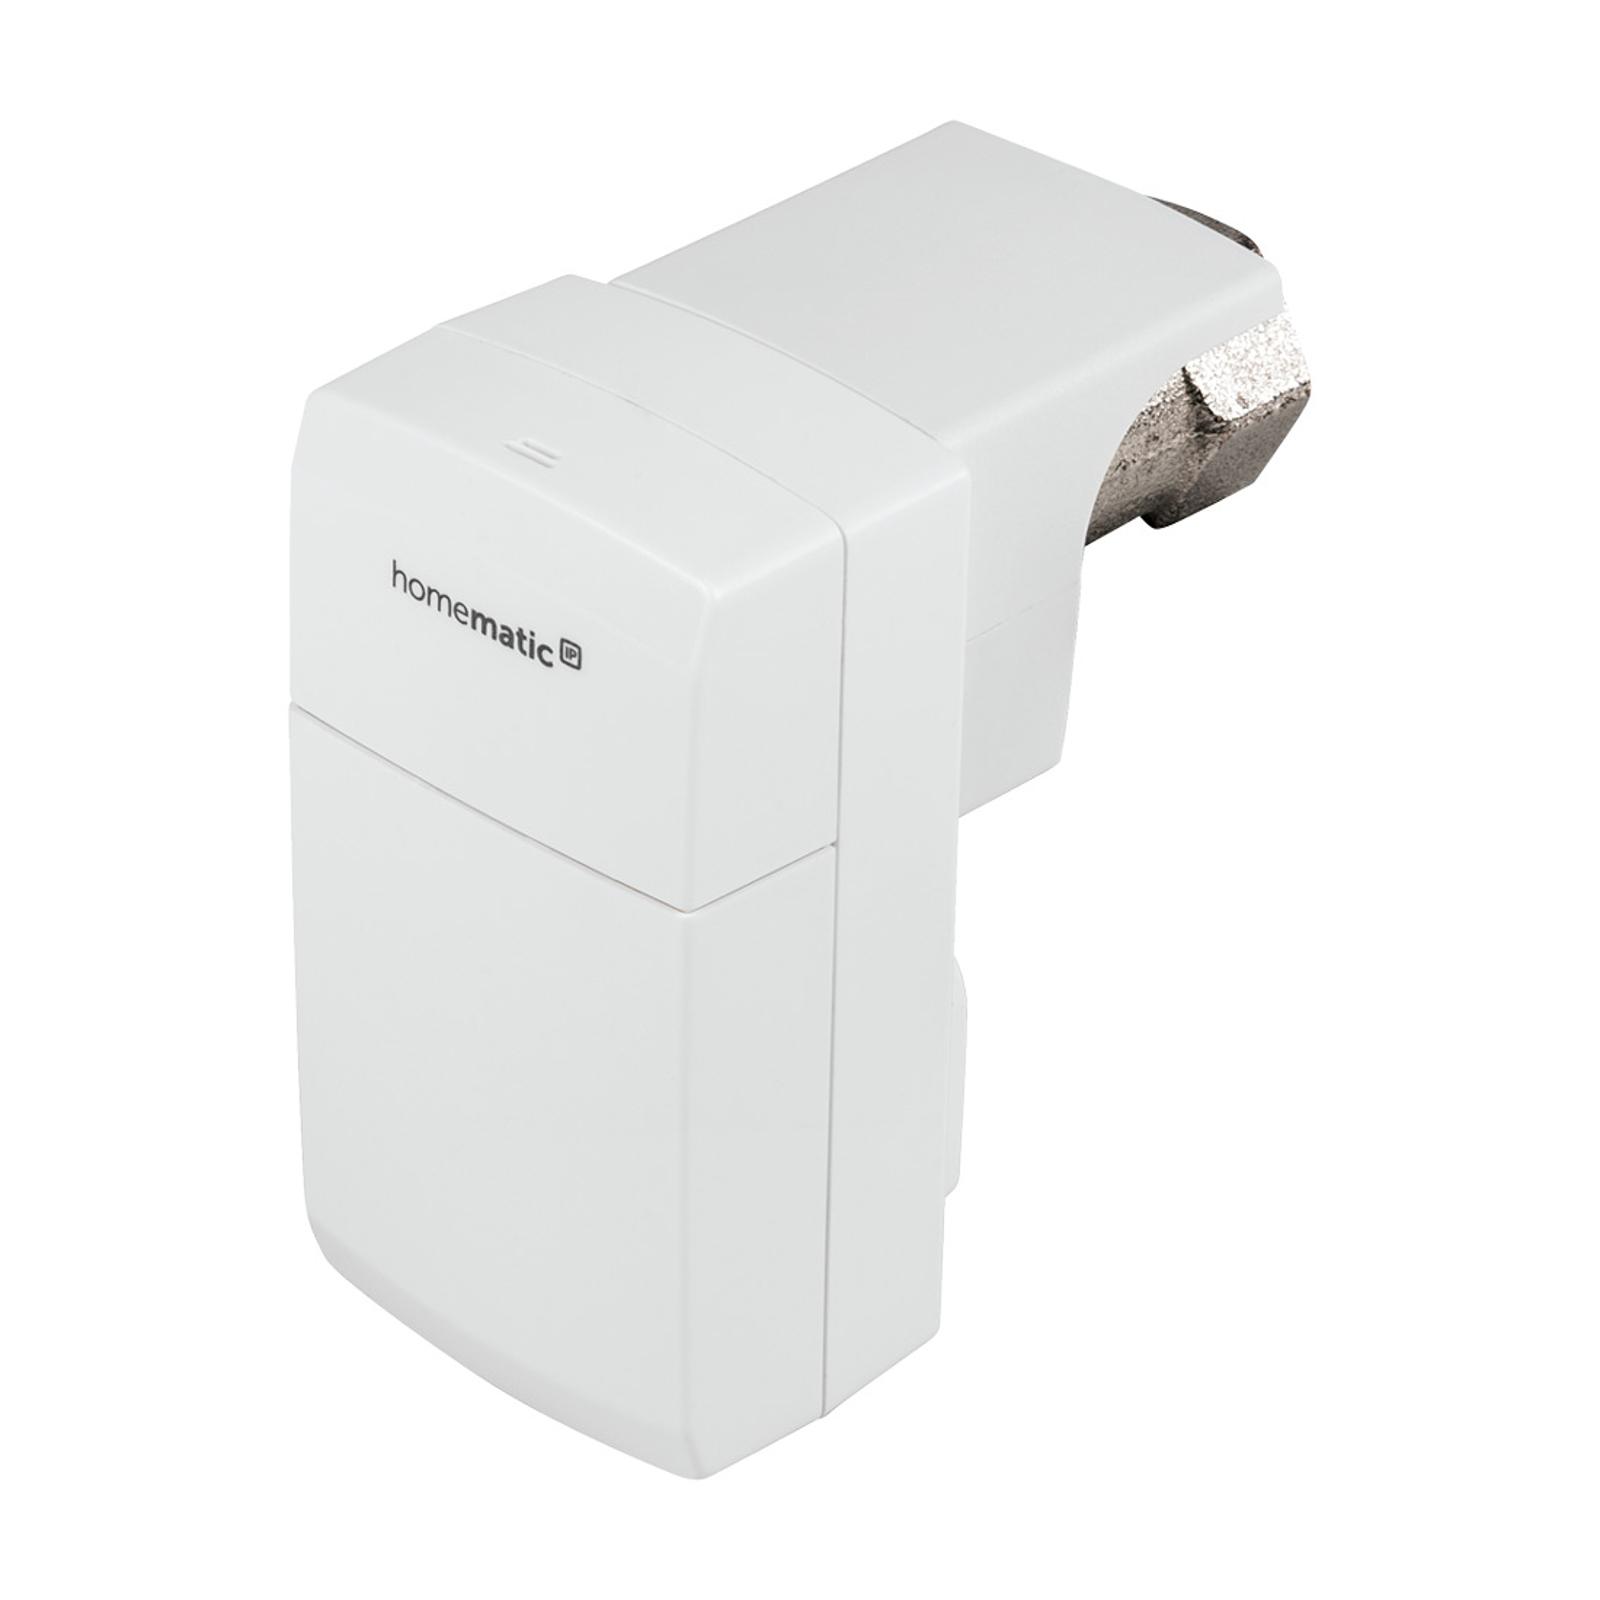 Homematic IP demontagebescherming thermostaat 5x